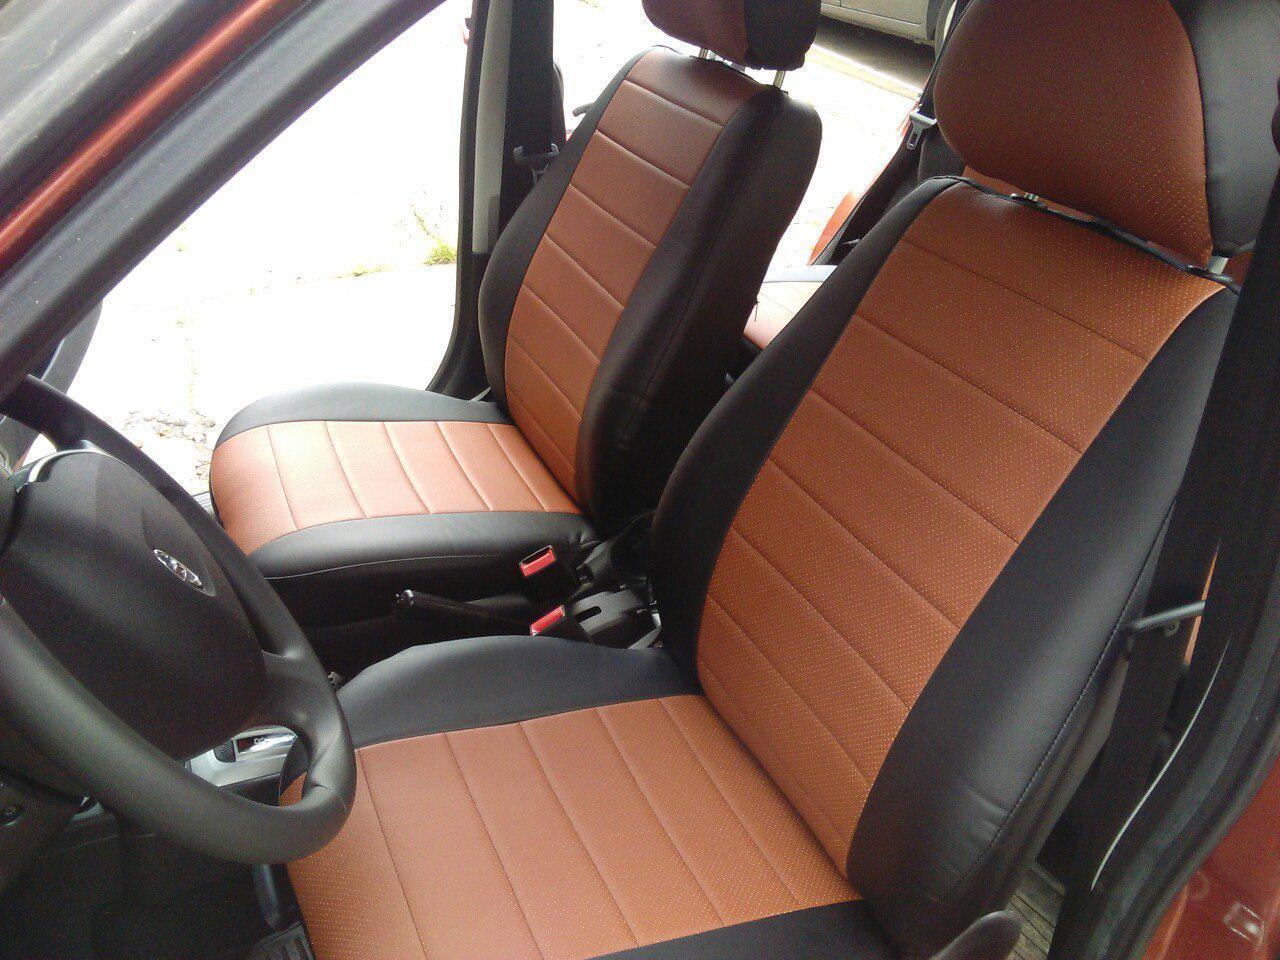 Чехлы на сиденья Шевроле Авео Т200 (Chevrolet Aveo T200) (универсальные, экокожа, отдельный подголовник)